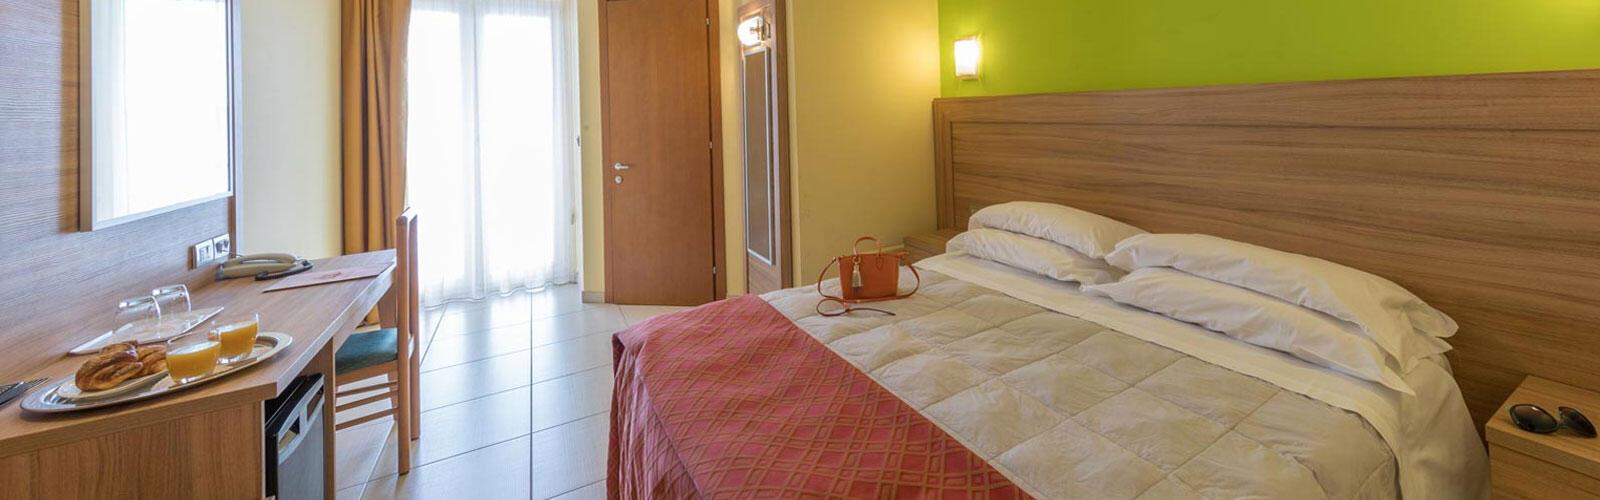 hotellaninfea en ninfea-room 002